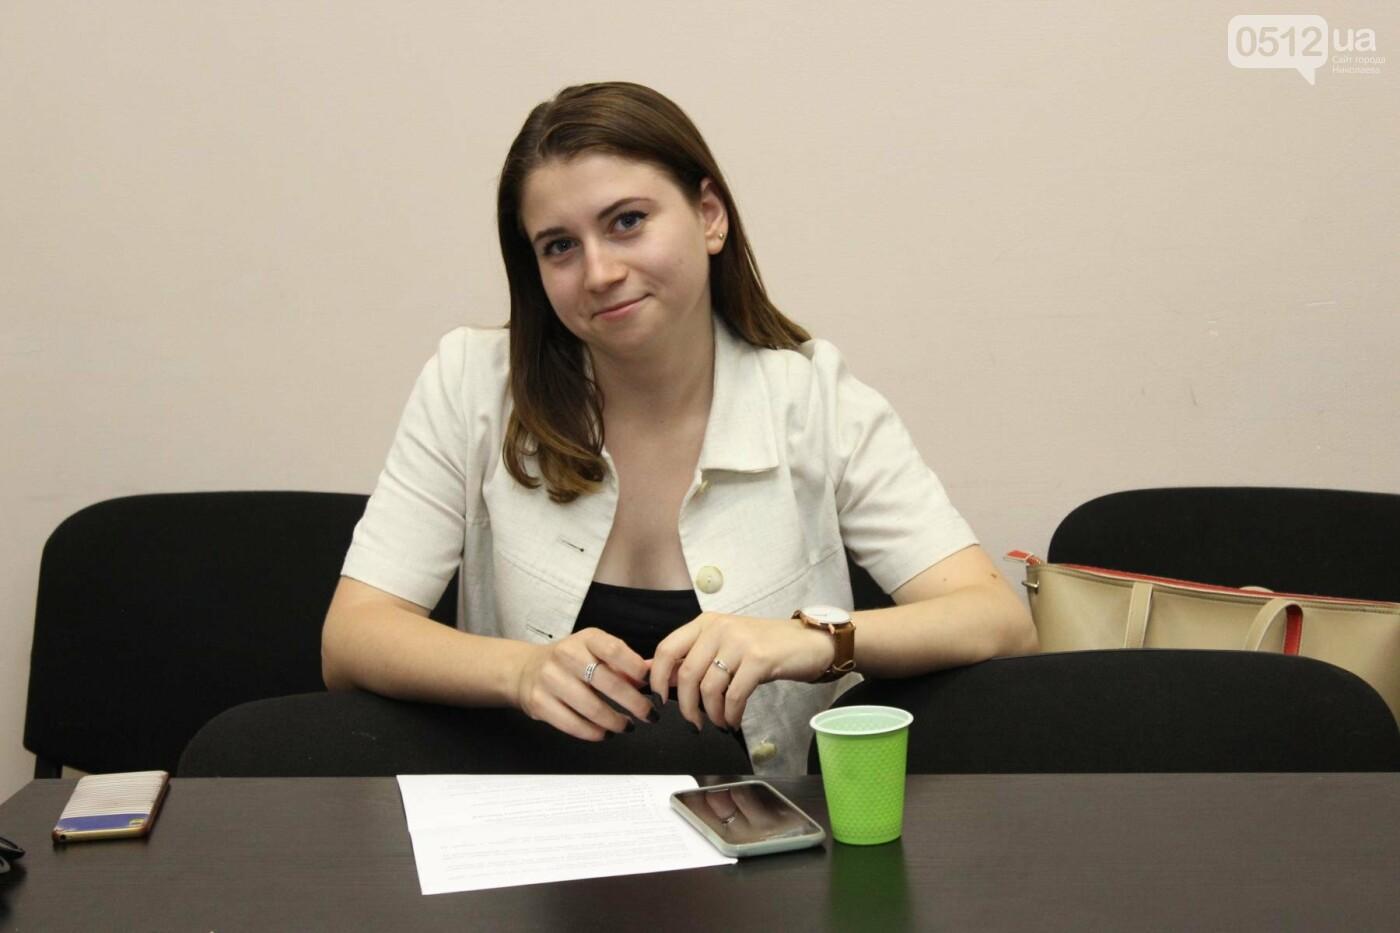 Николаевской молодежи рассказали о важности политической образованности, - ФОТО, фото-10